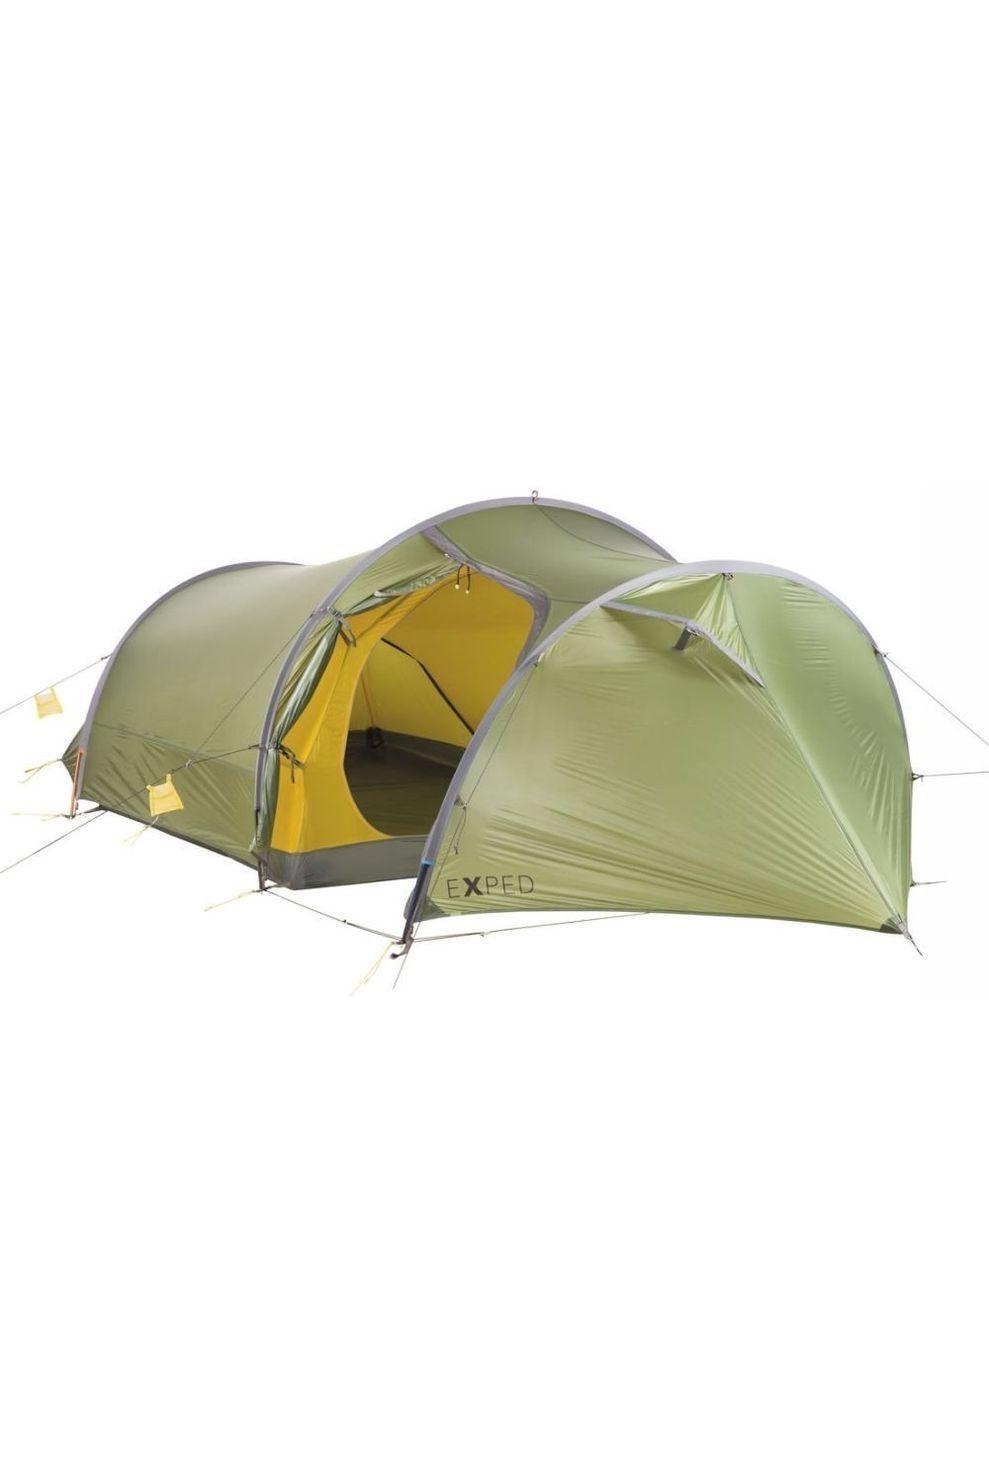 Exped Tent Cetus Iii Ul - Groen